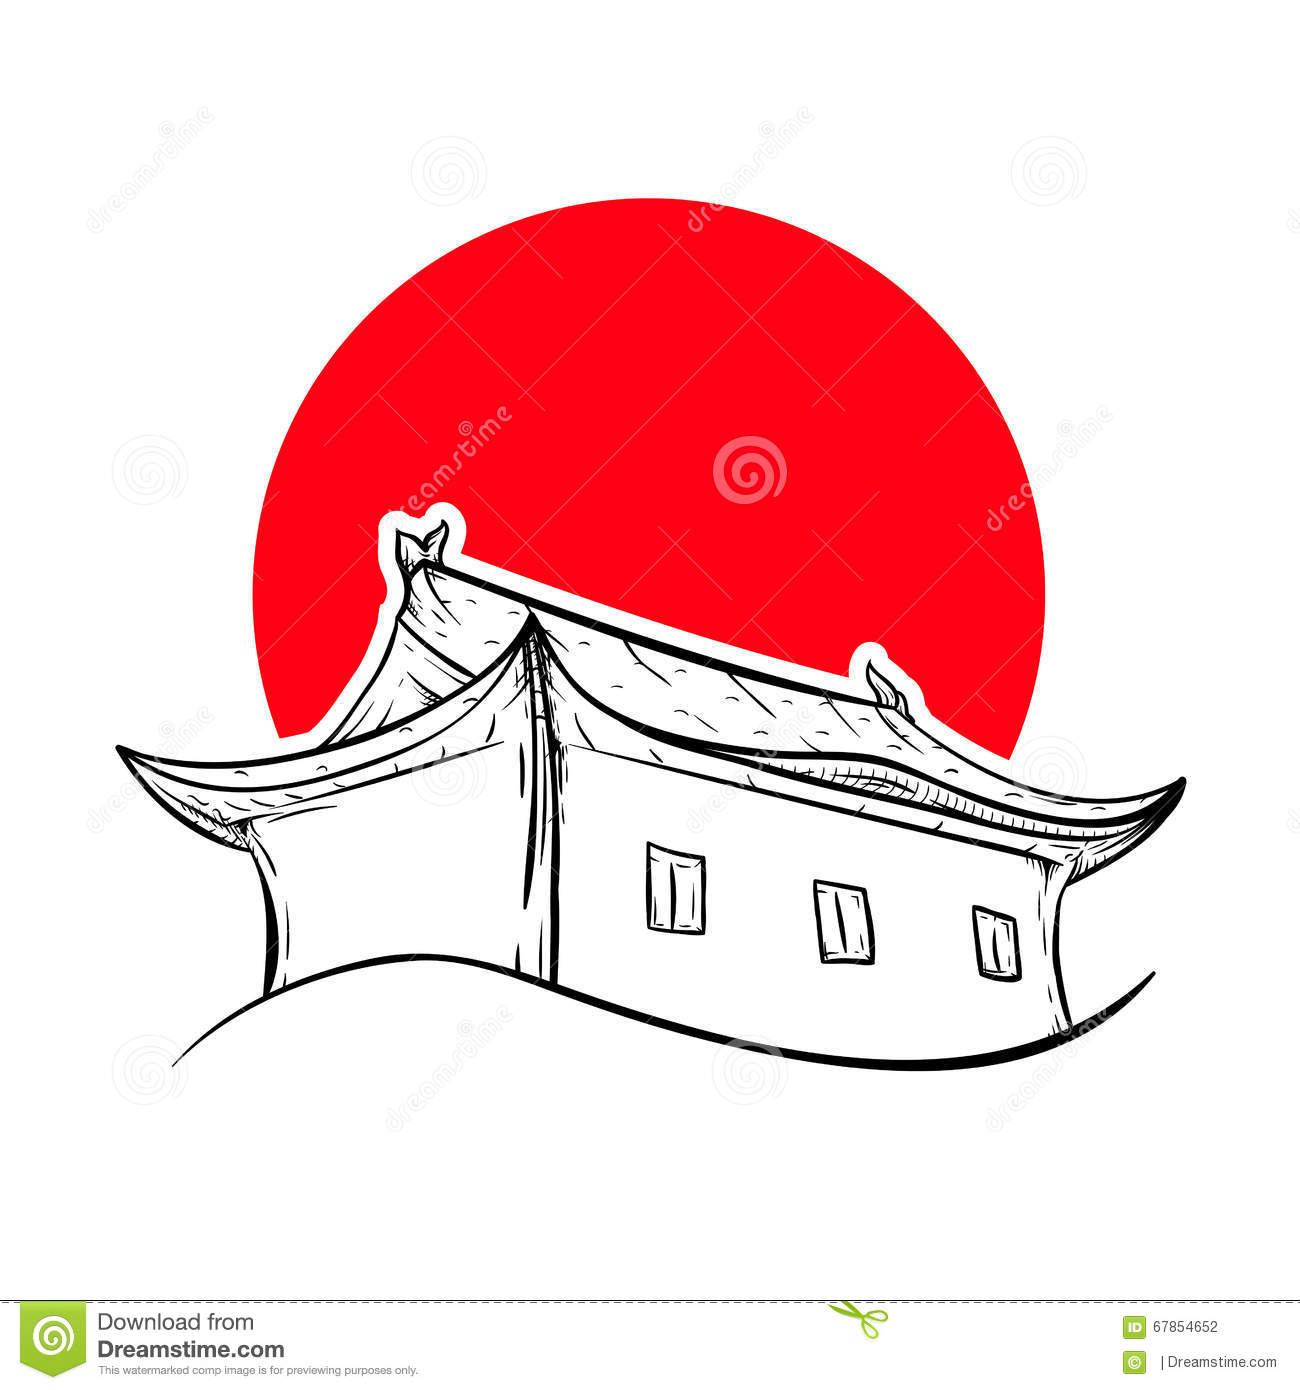 Chinesisches haus clipart svg download Chinesisches Haus Und Rote Sonne Vektor Abbildung - Bild: 67854652 svg download